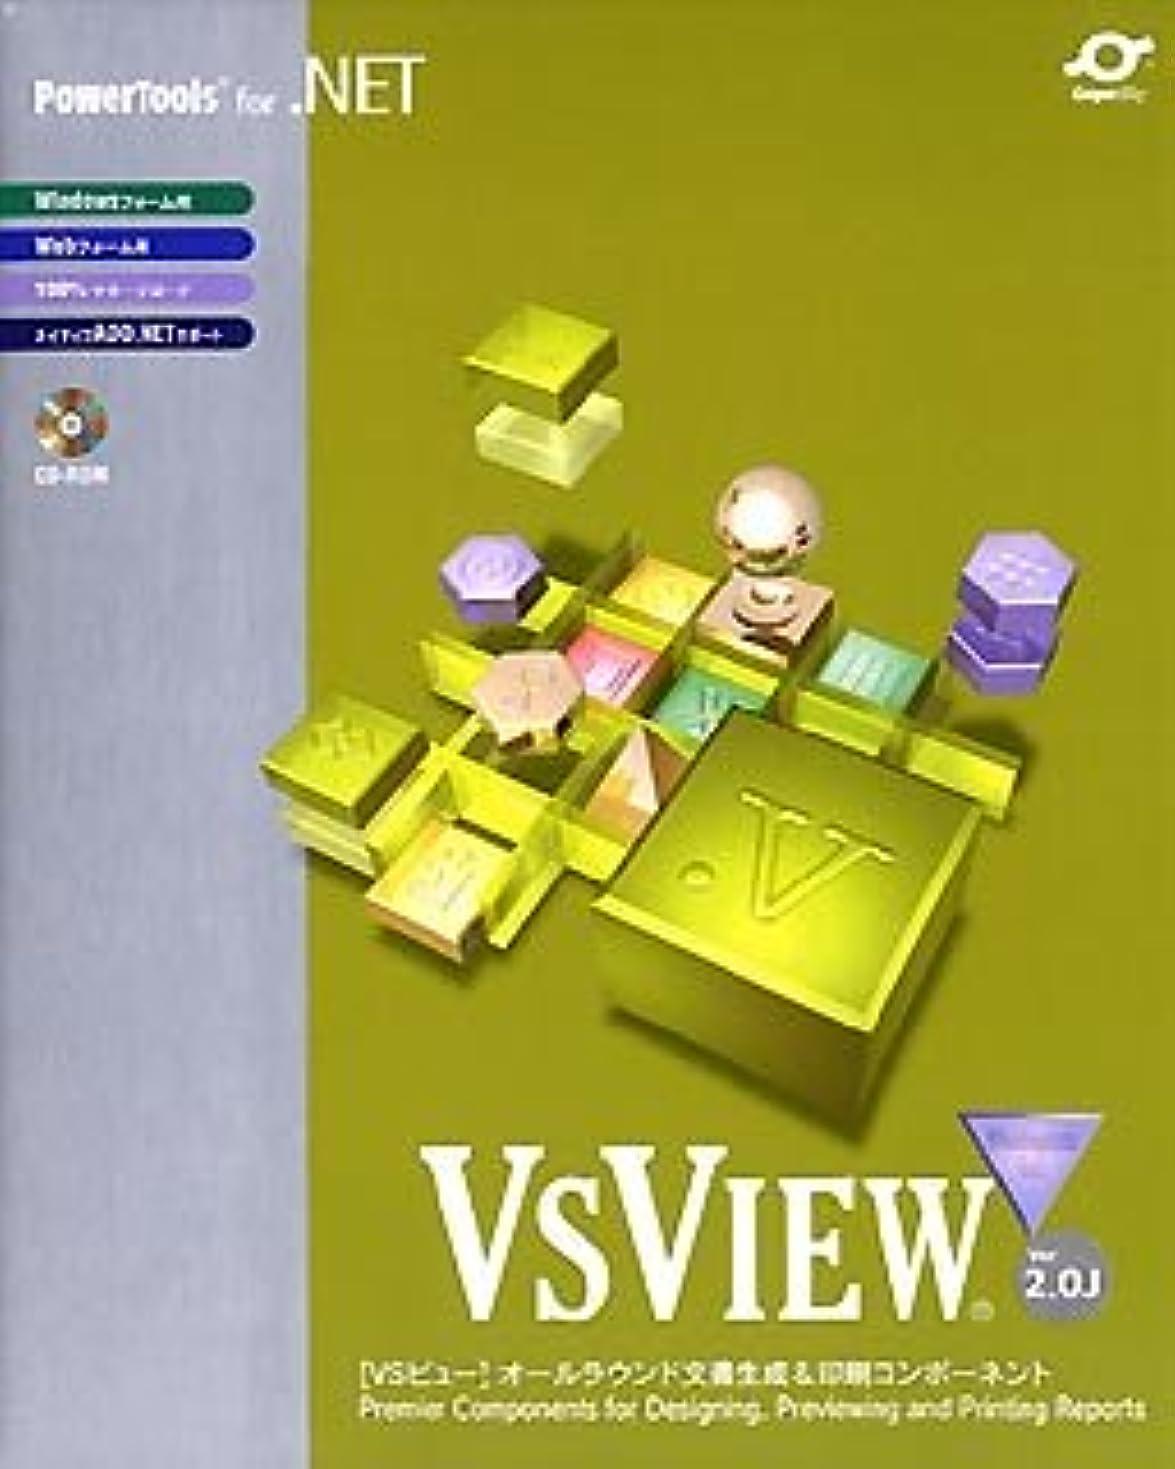 参照湿地合計VS-VIEW for.NET 2.0J WebReports Edition 1開発ライセンスパッケージ